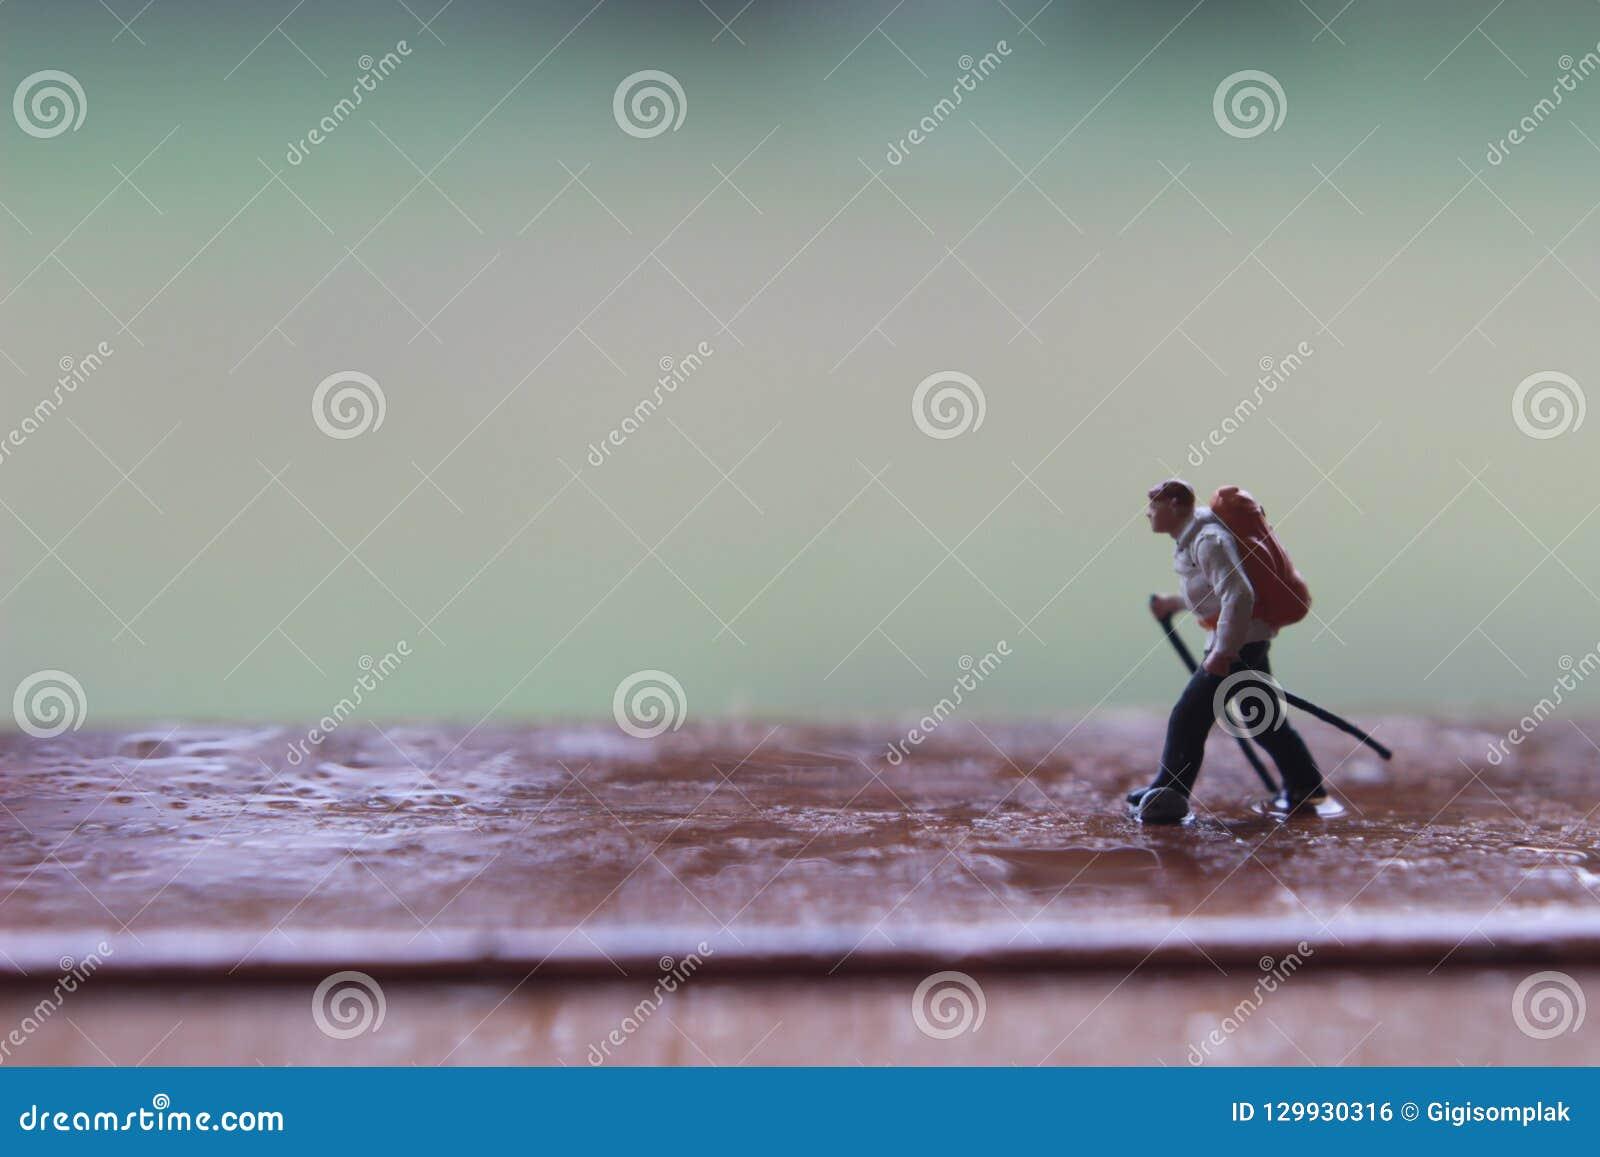 Mini Figure Hiker, andando no trajeto de madeira molhado